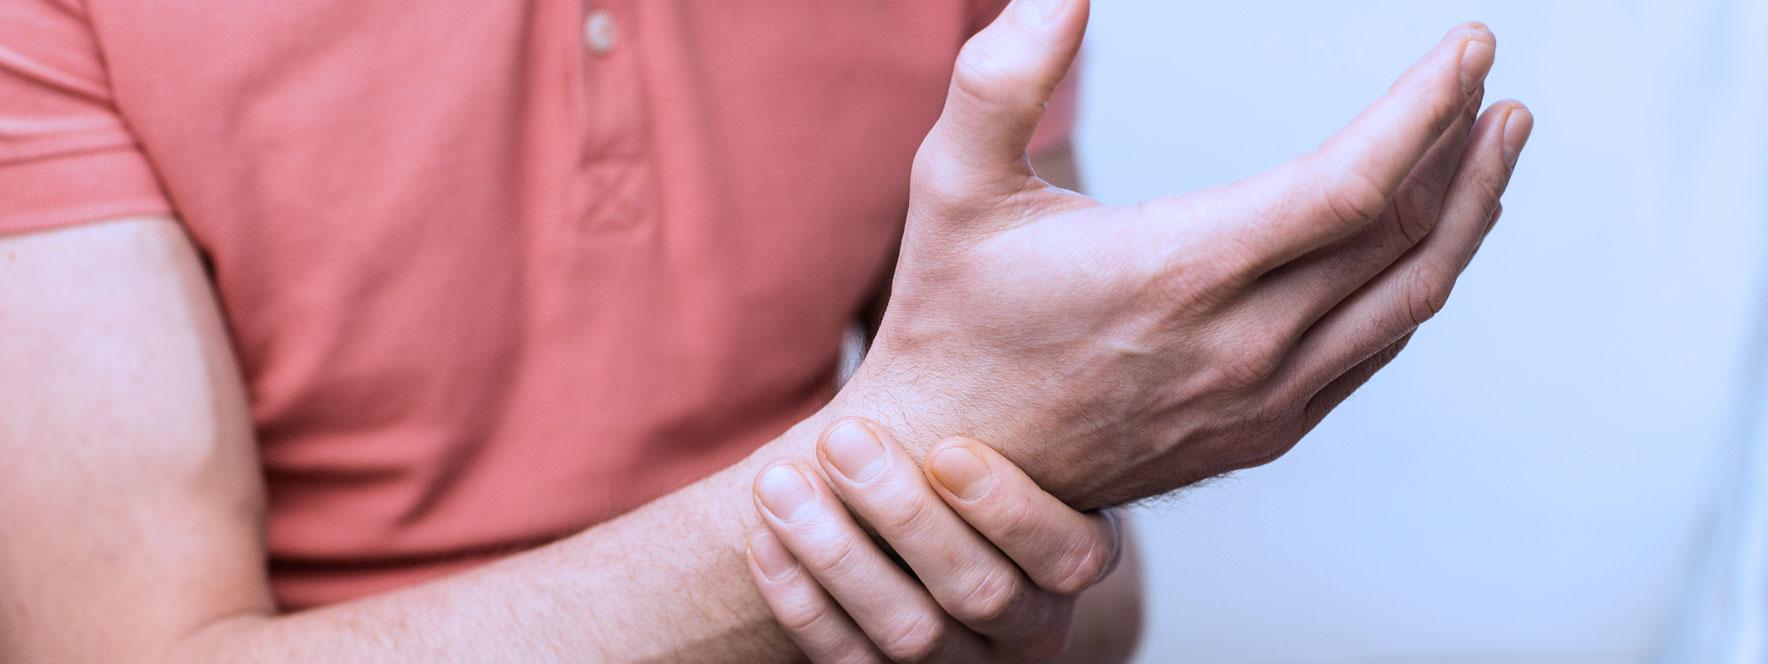 Massothérapeute blessure, ténosynovite  - Blogue du Réseau